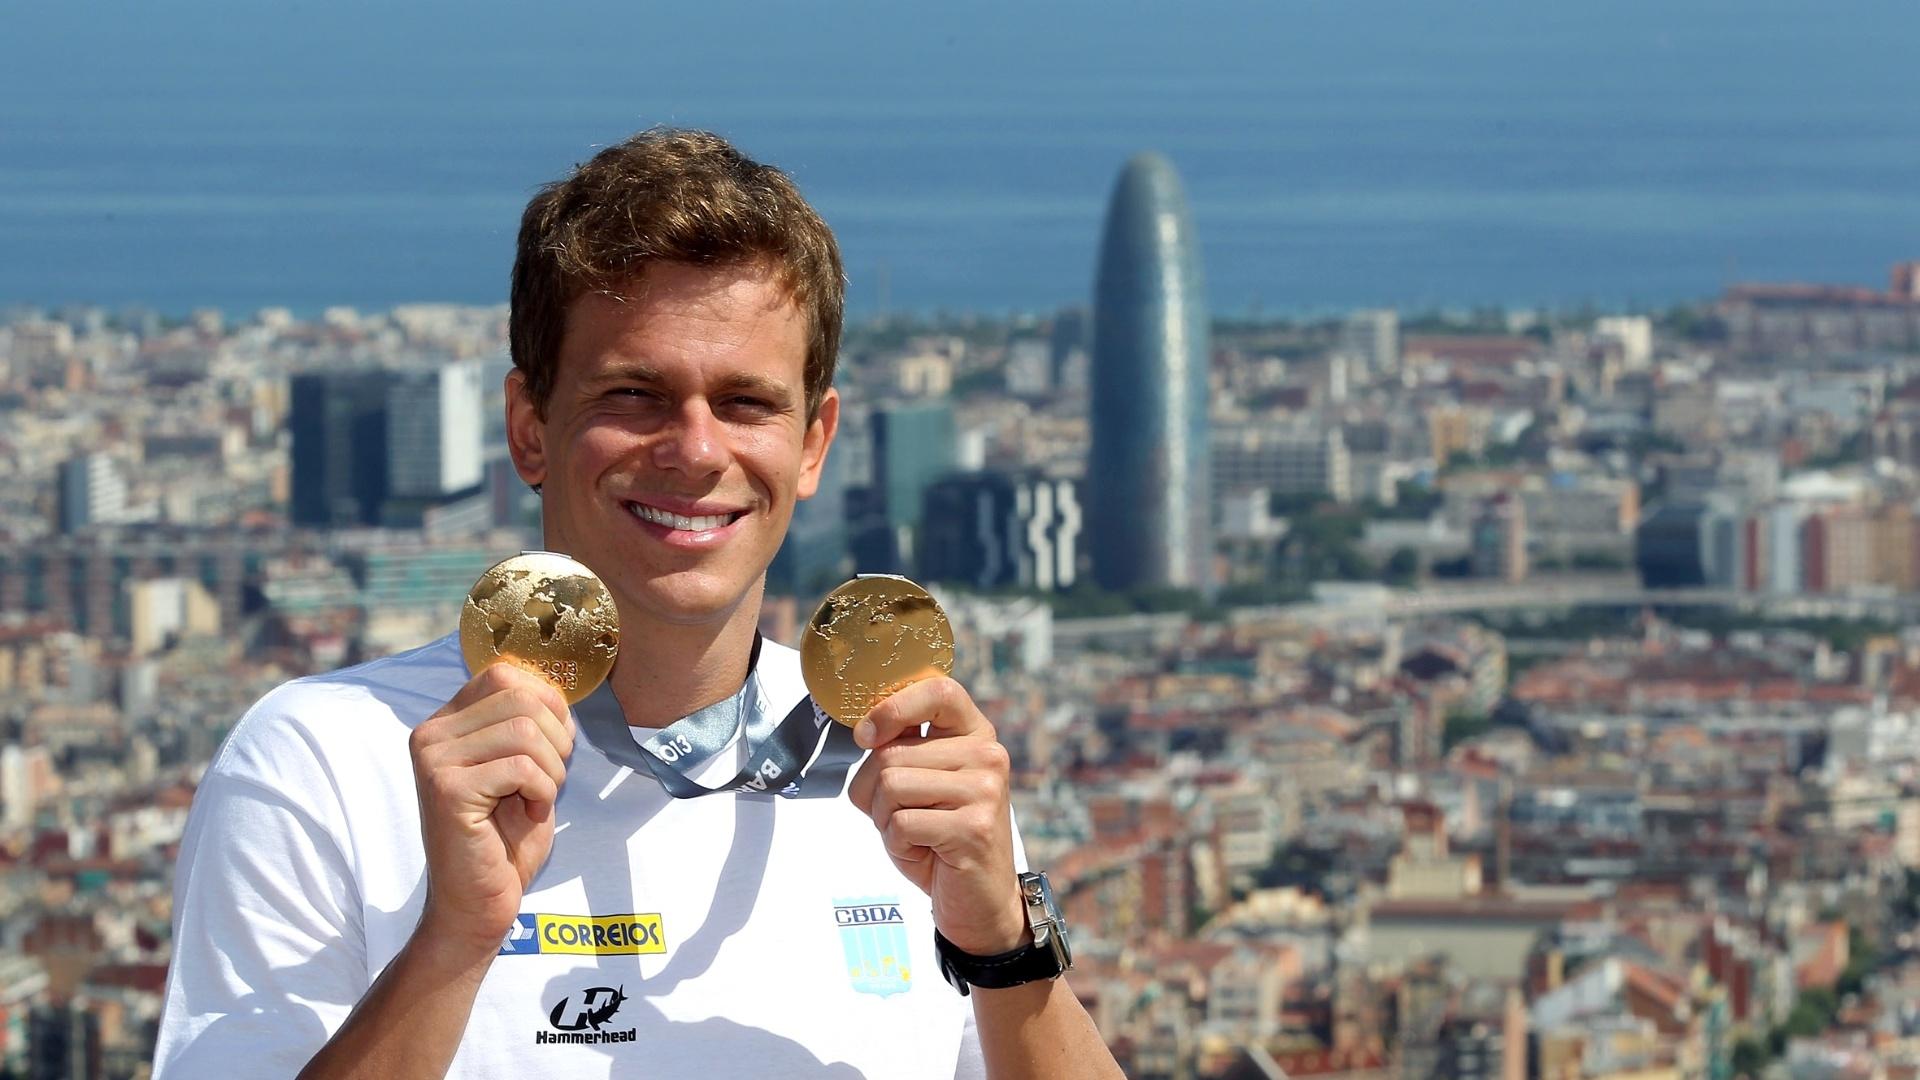 04.ago.2013 - Brasileiro Cesar Cielo posa para fotos em Barcelona com as duas medalhas de ouro conquistadas no Mundial